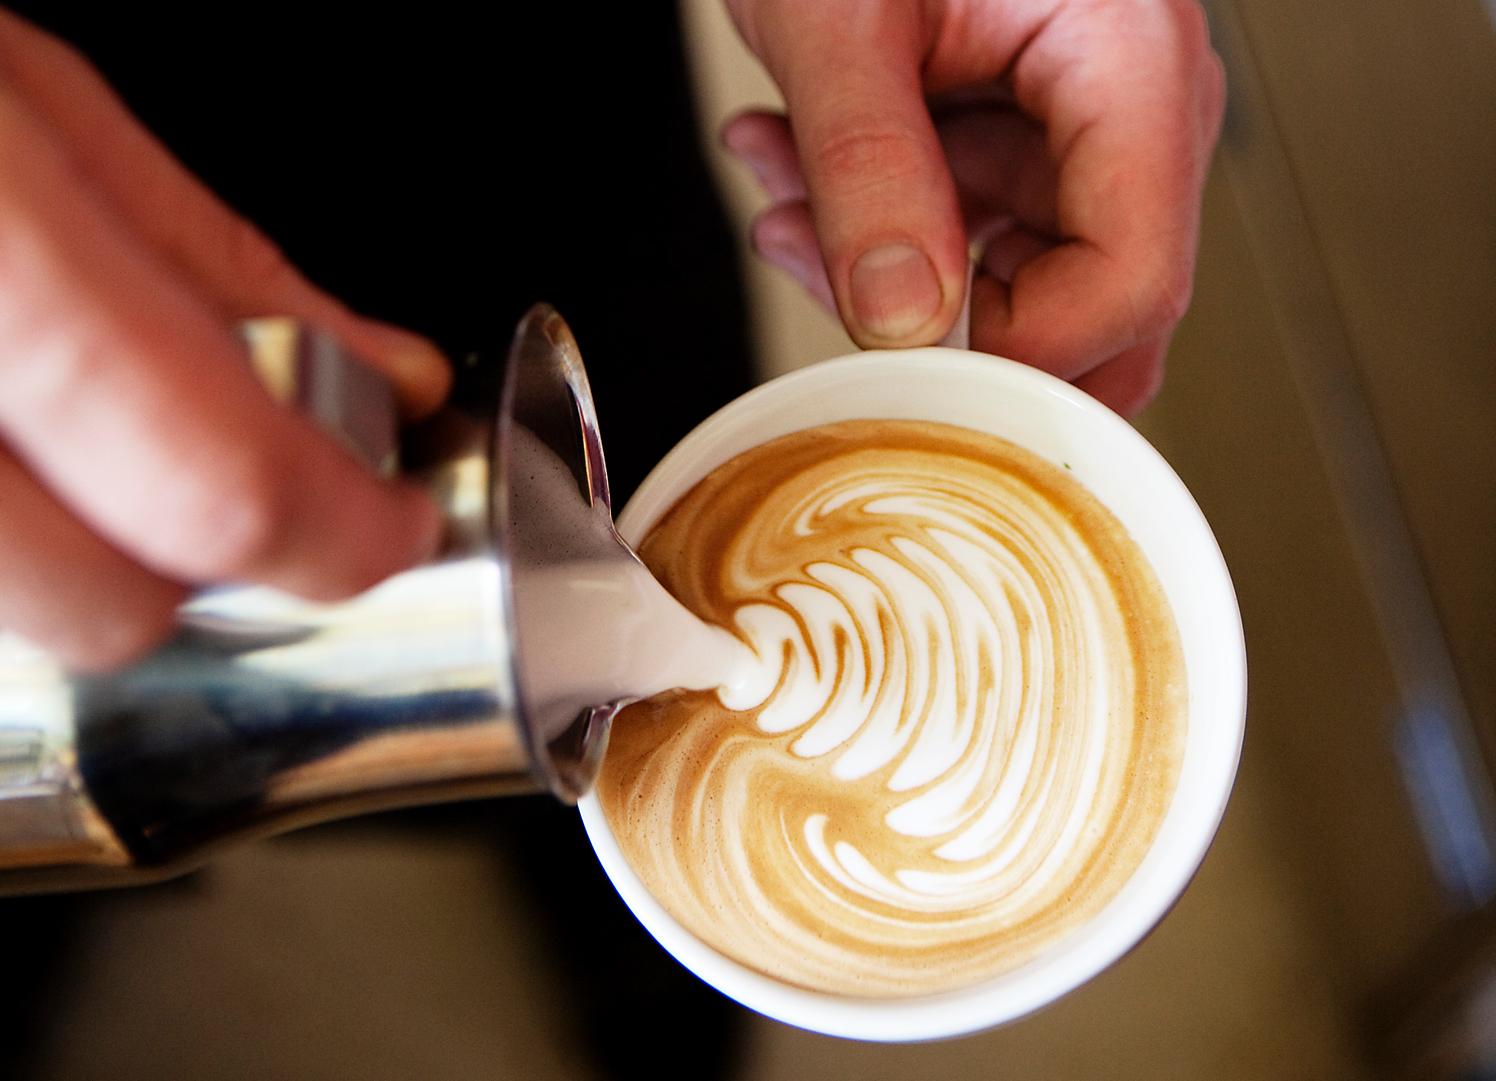 Brandmeesters koffie zakelijk horeca vers gebrande koffiebonen amsterdam haarlem